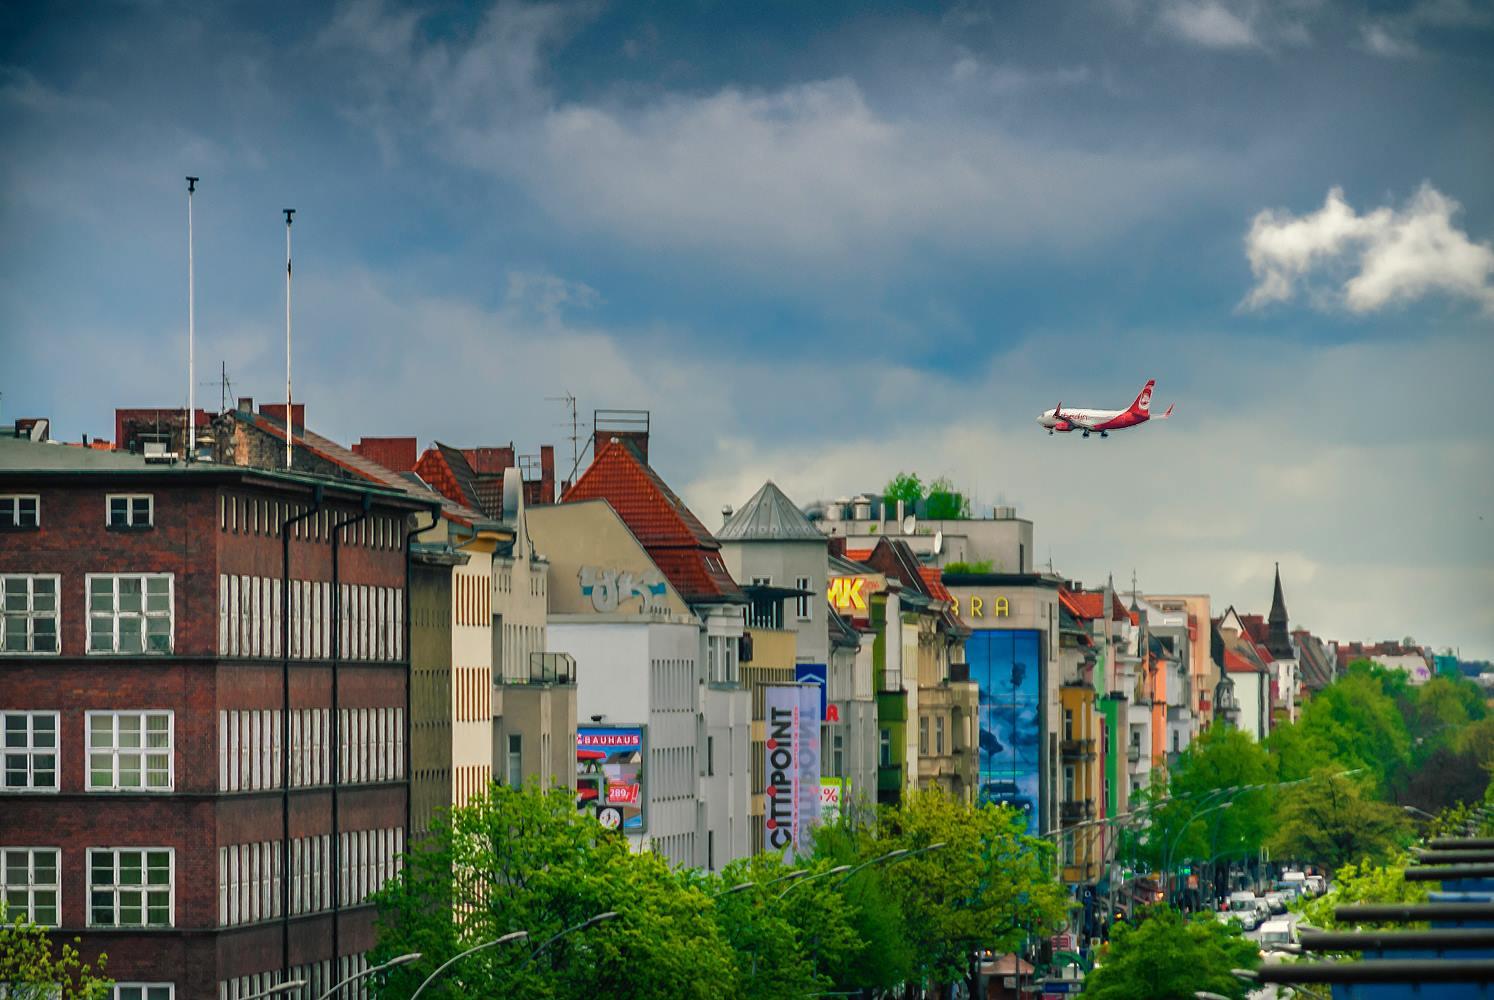 Flugzeug über der Müllerstraße verhindert himmlische Ruhe